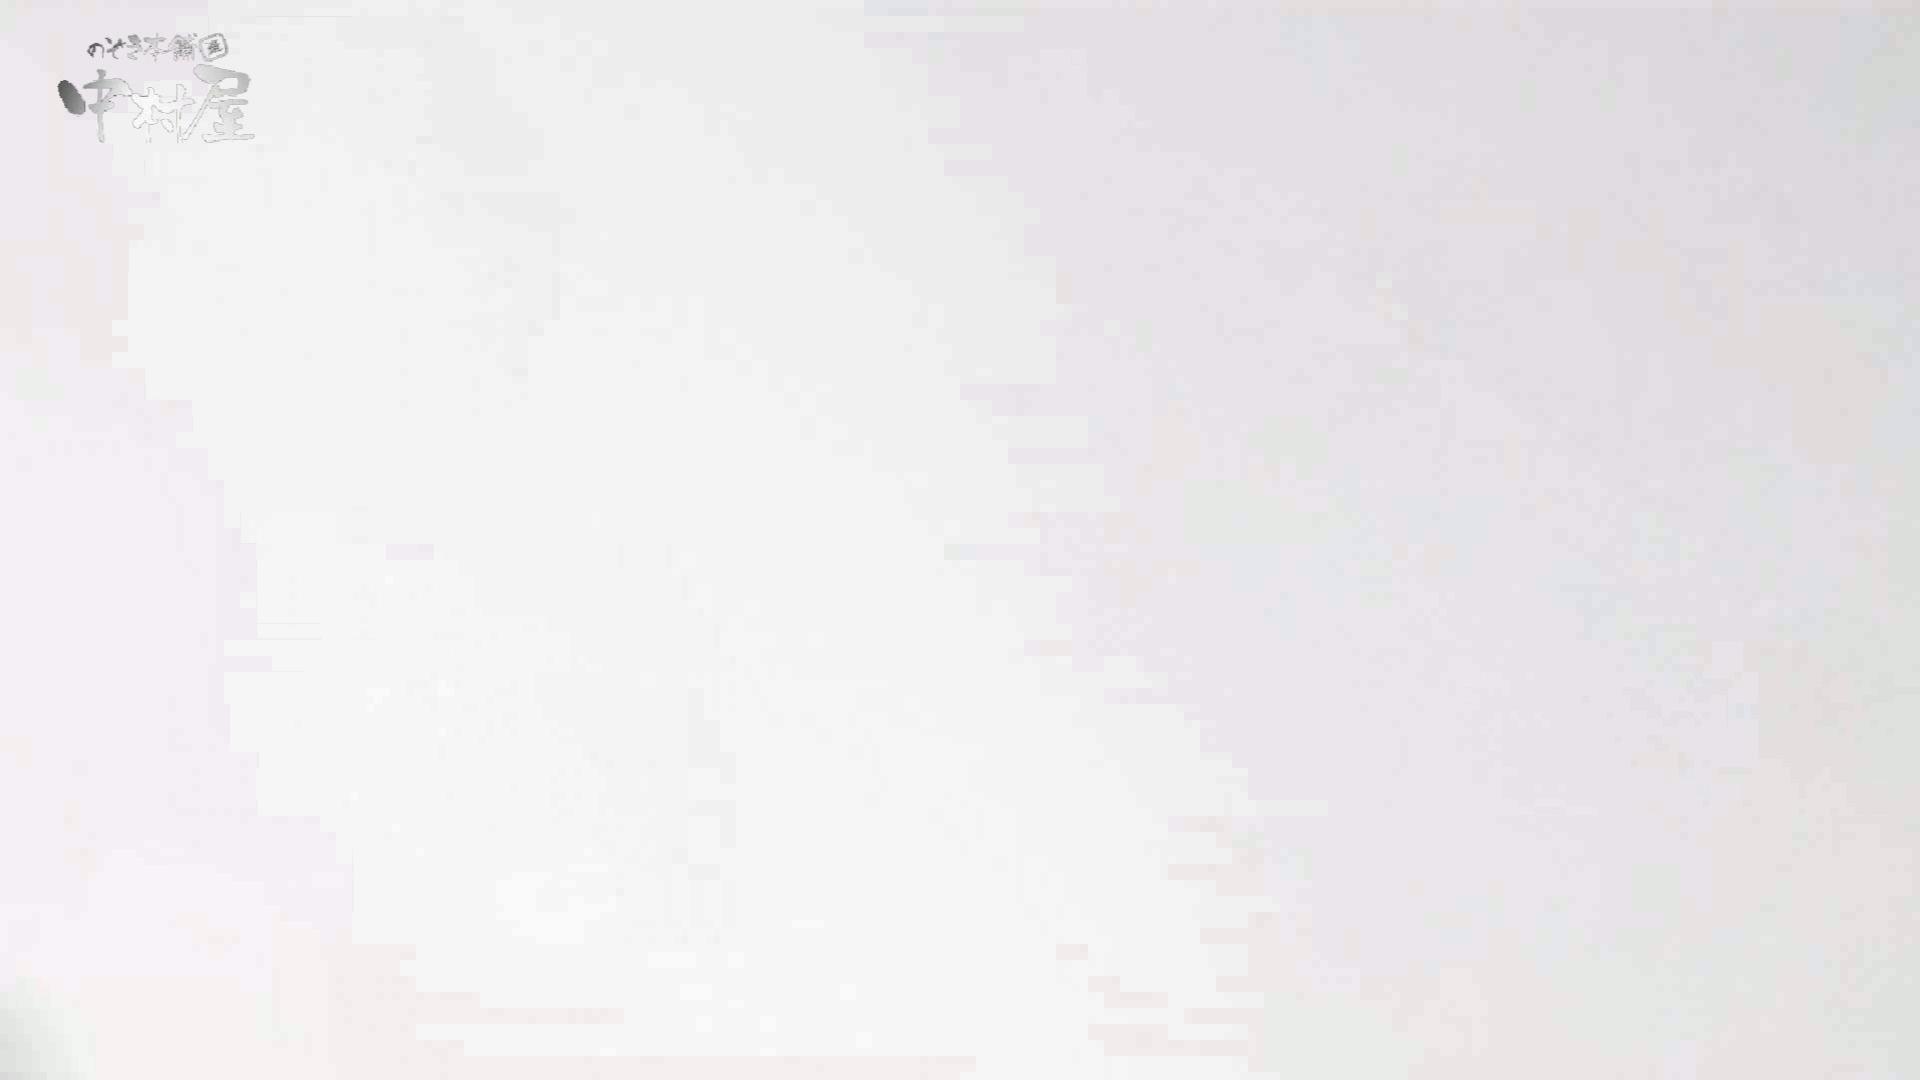 洗面所突入レポート!!vol.9 女子トイレ 盗撮われめAV動画紹介 100PICs 49